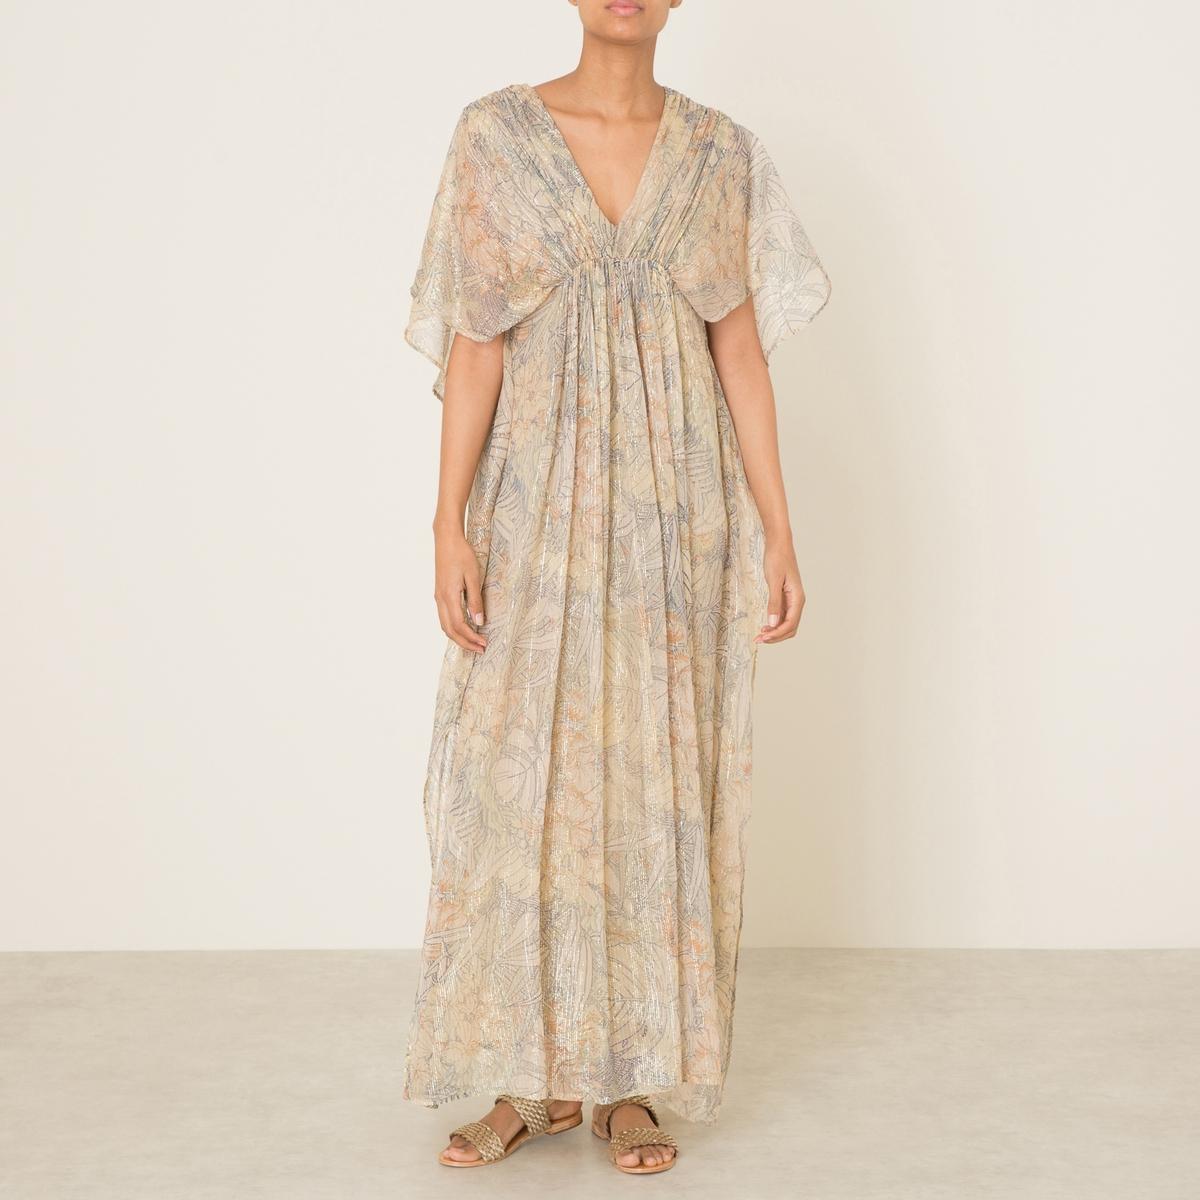 Платье длинное PALMIER платье короткое спереди длинное сзади летнее